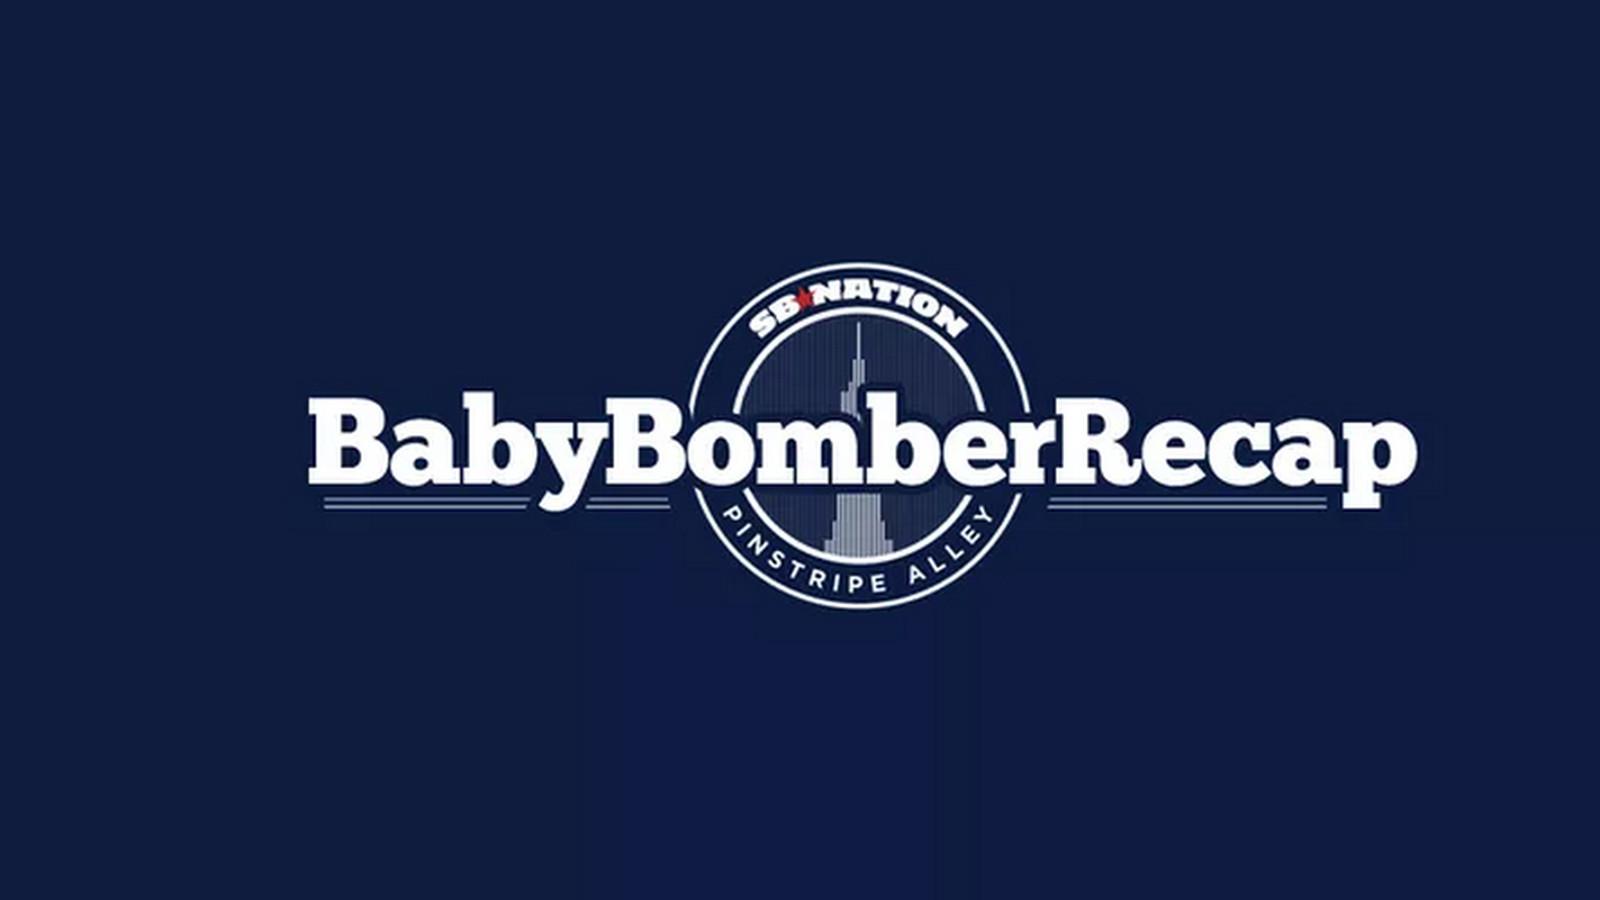 Baby_bomber2.0.0